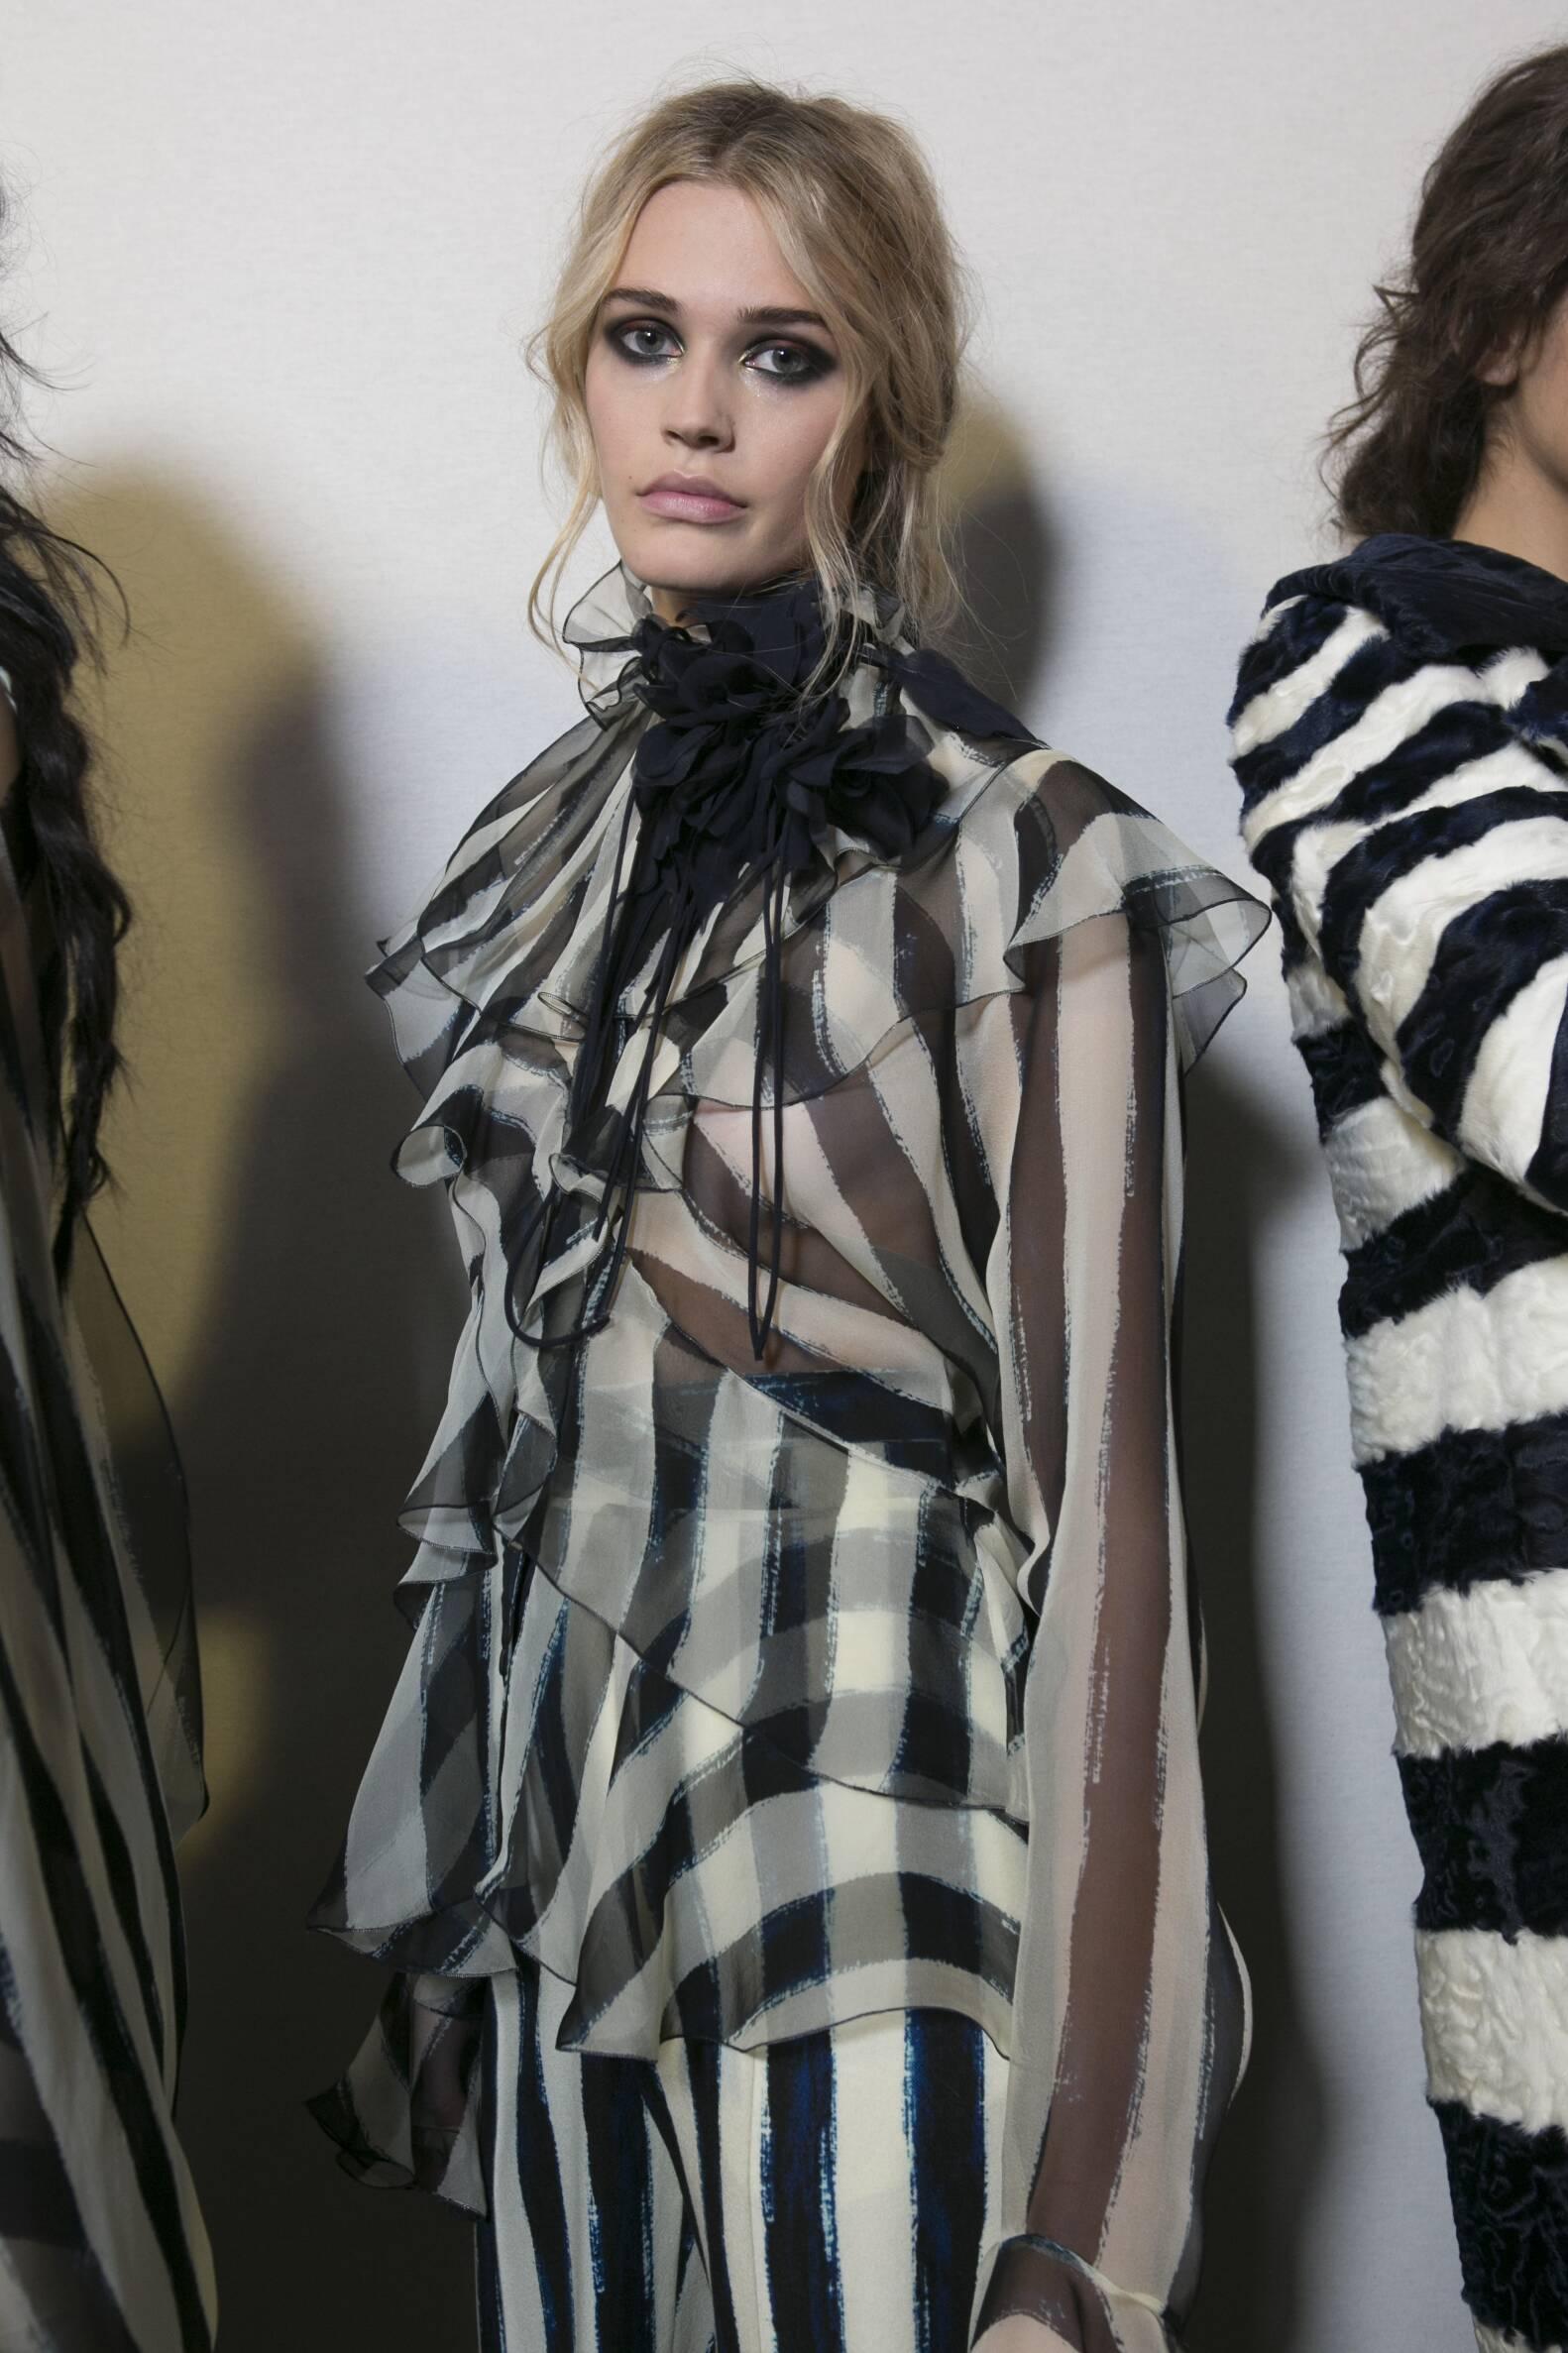 Model 2017-2018 Backstage Alberta Ferretti